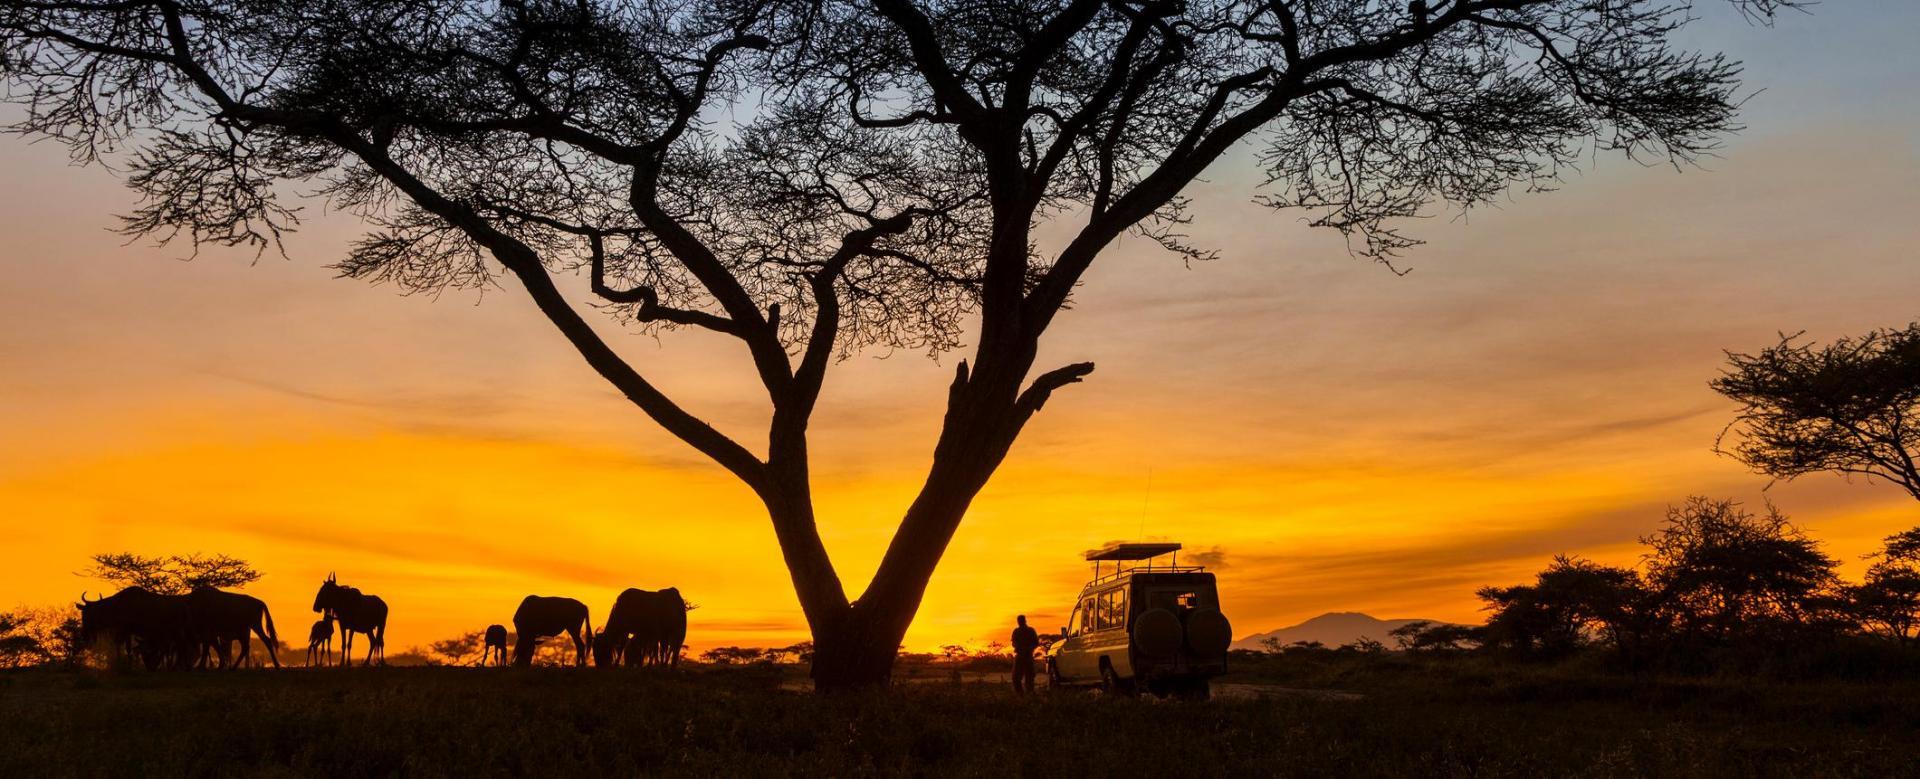 Voyage à pied : Safaris mythiques en lodges et lac natron